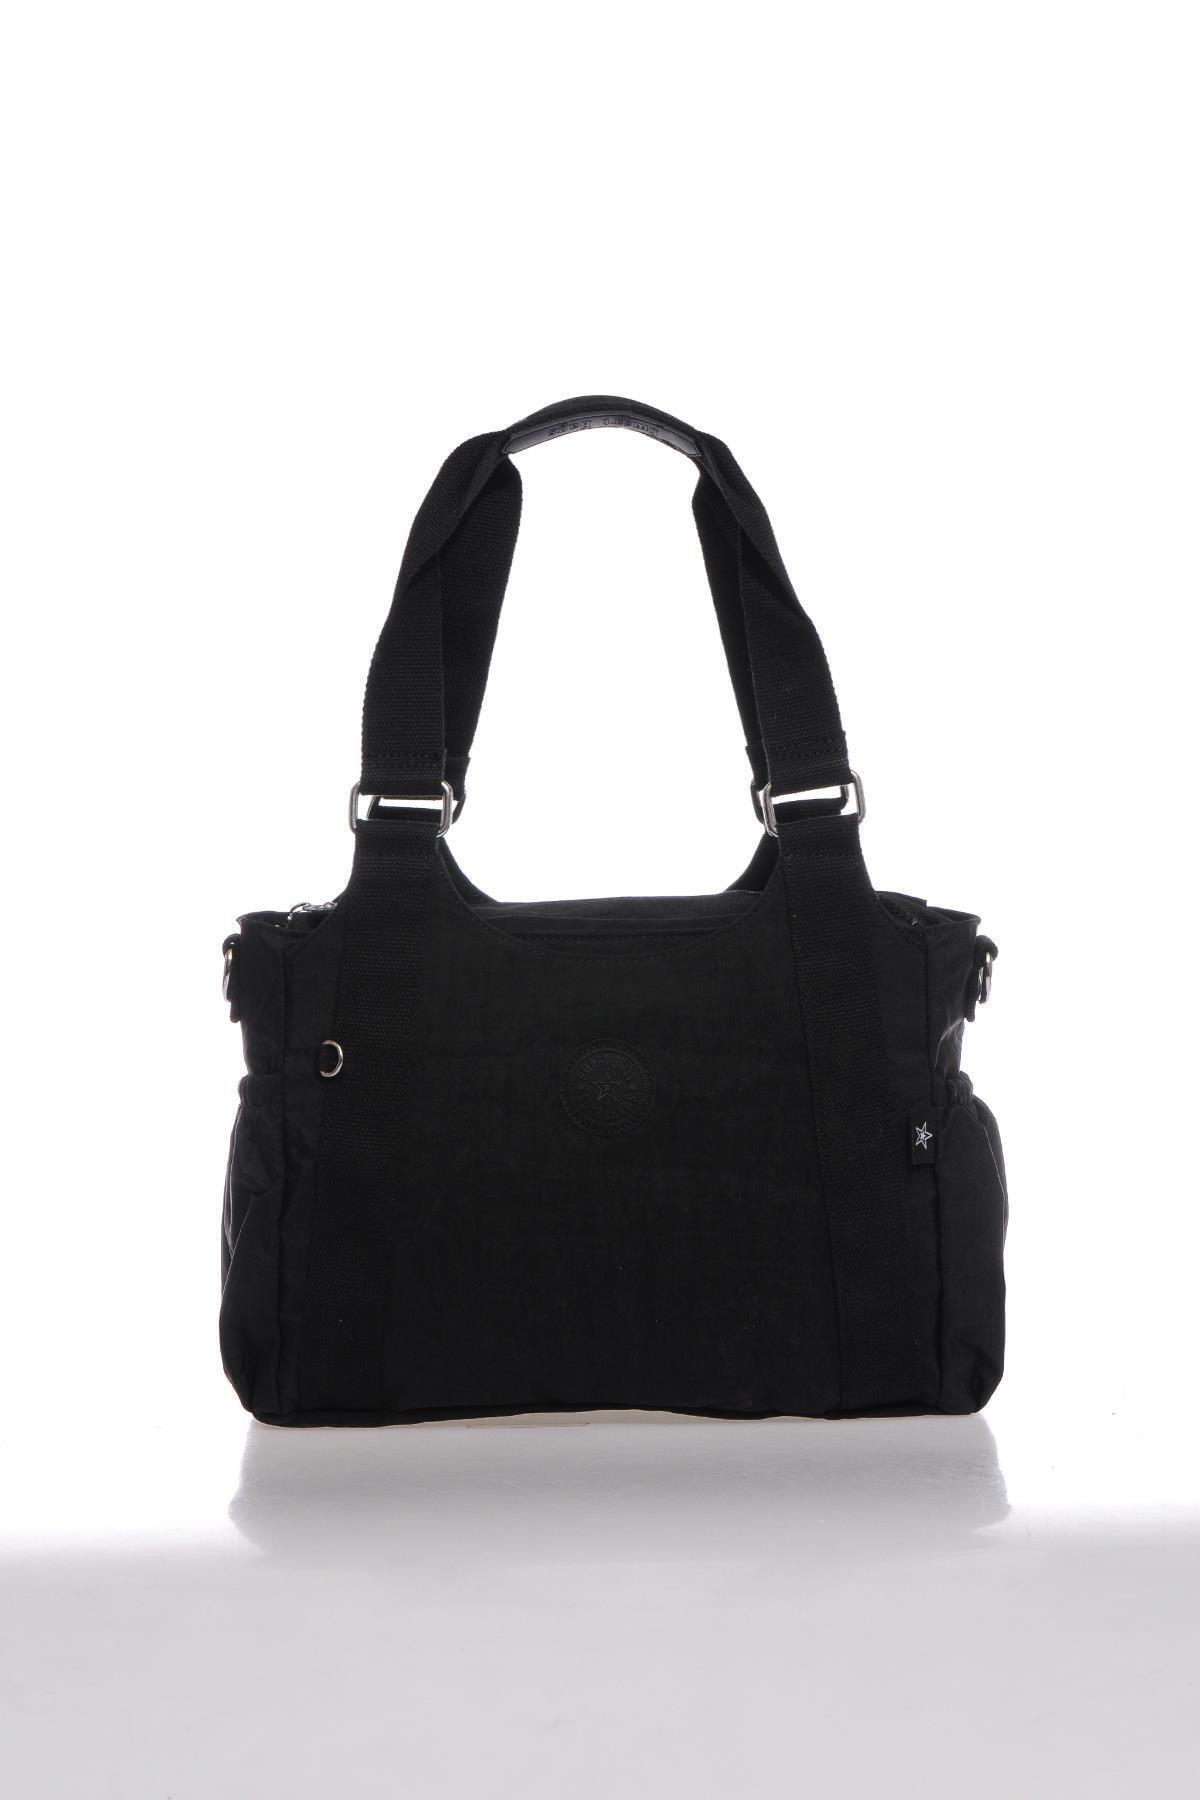 SMART BAGS Kadın Siyah Omuz Çantası Smbk1163-0001 1